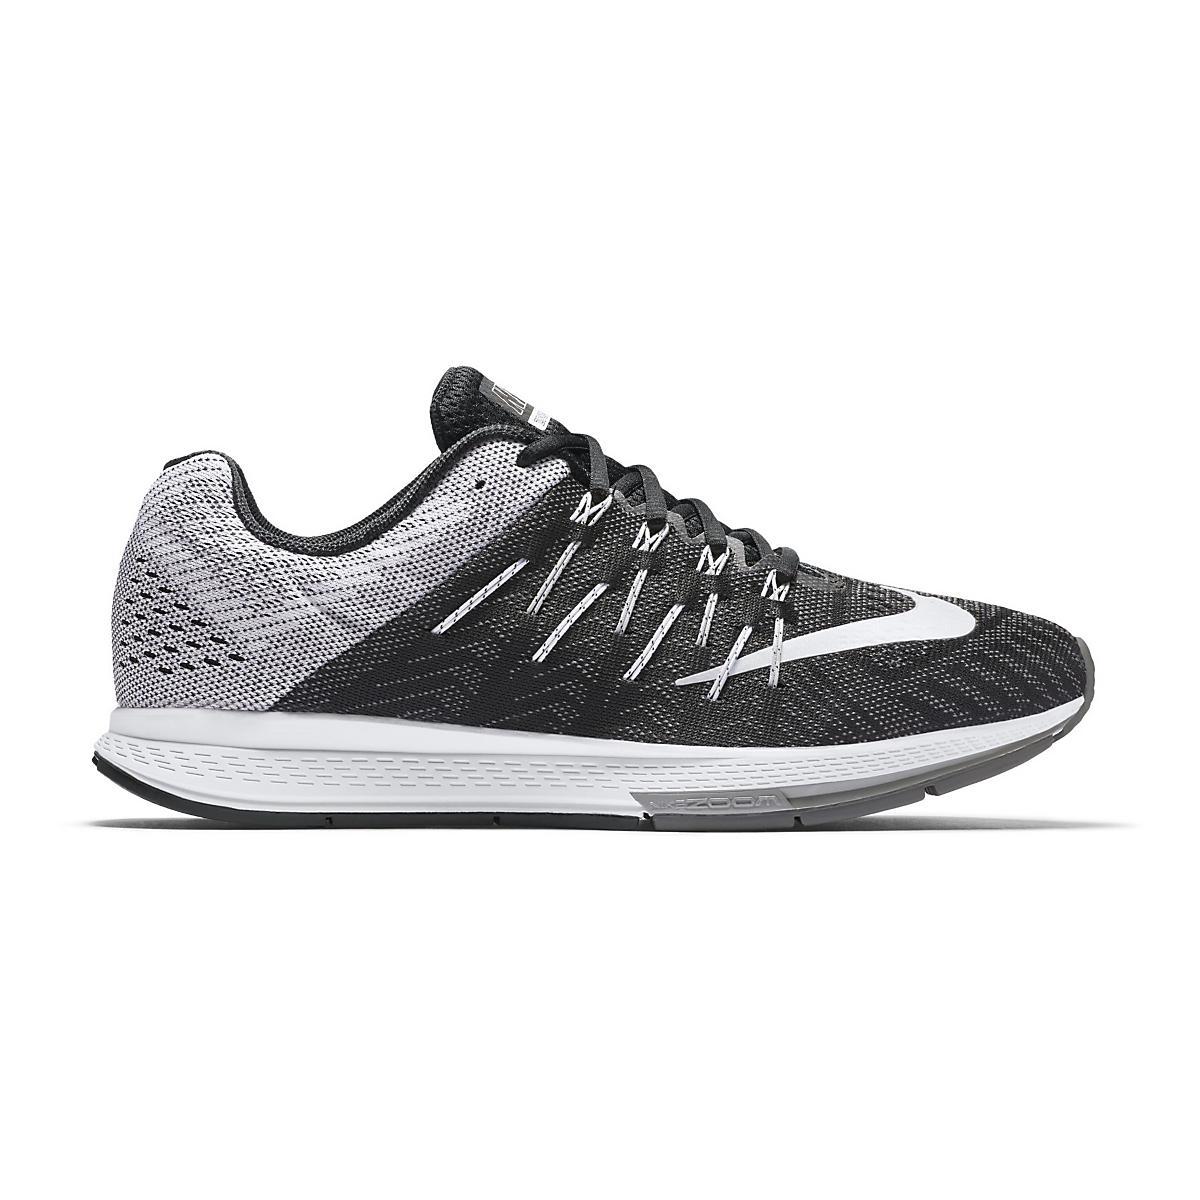 2fb7dfa765c5 Mens Nike Air Zoom Elite 8 Running Shoe at Road Runner Sports